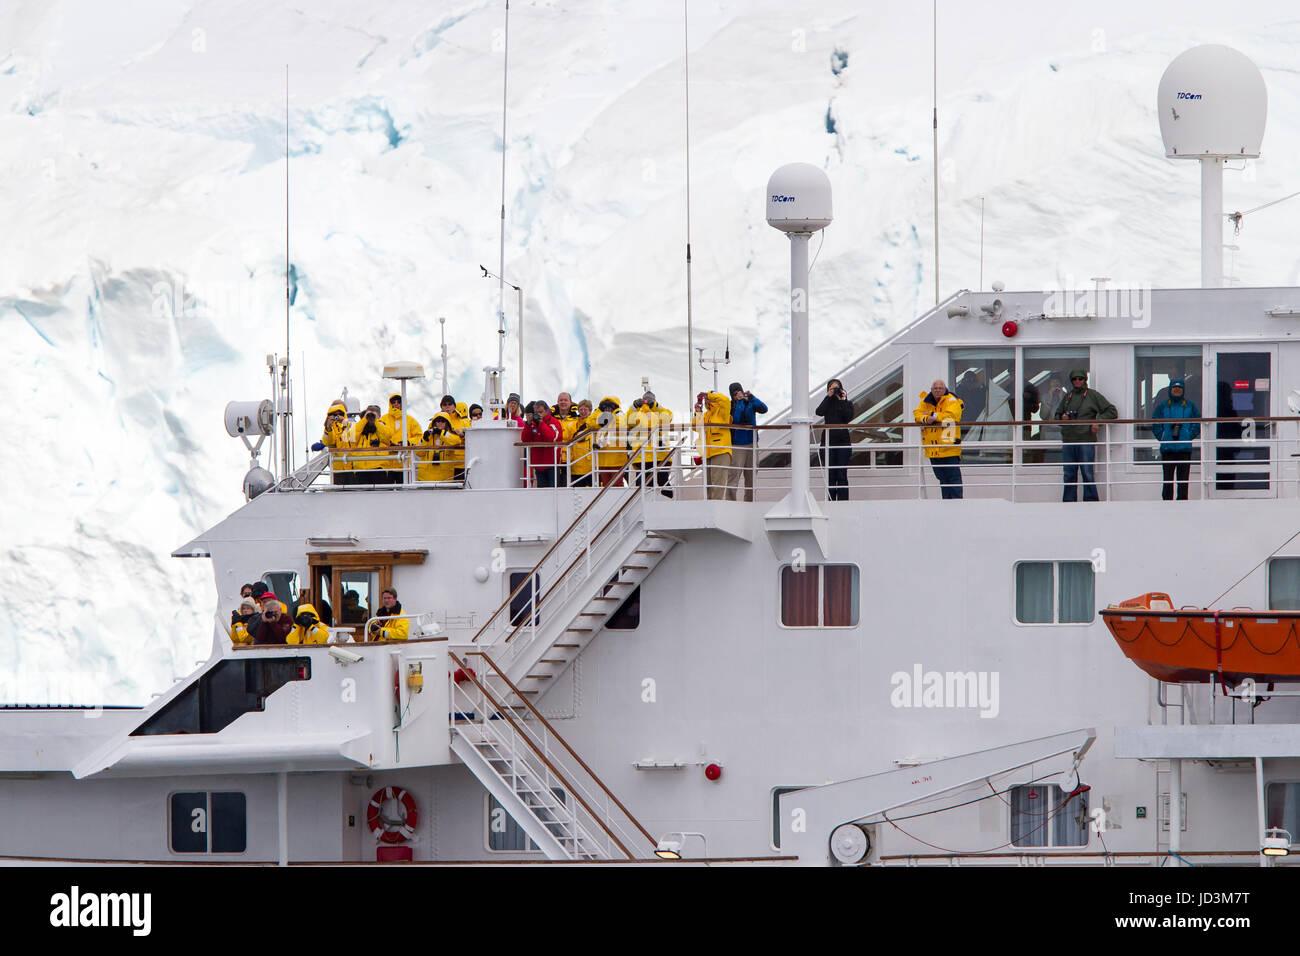 Kreuzfahrtschiff der Antarktis-Expedition mit Touristen anzeigen antarktischen Landschaft, antarktische Halbinsel. Stockbild